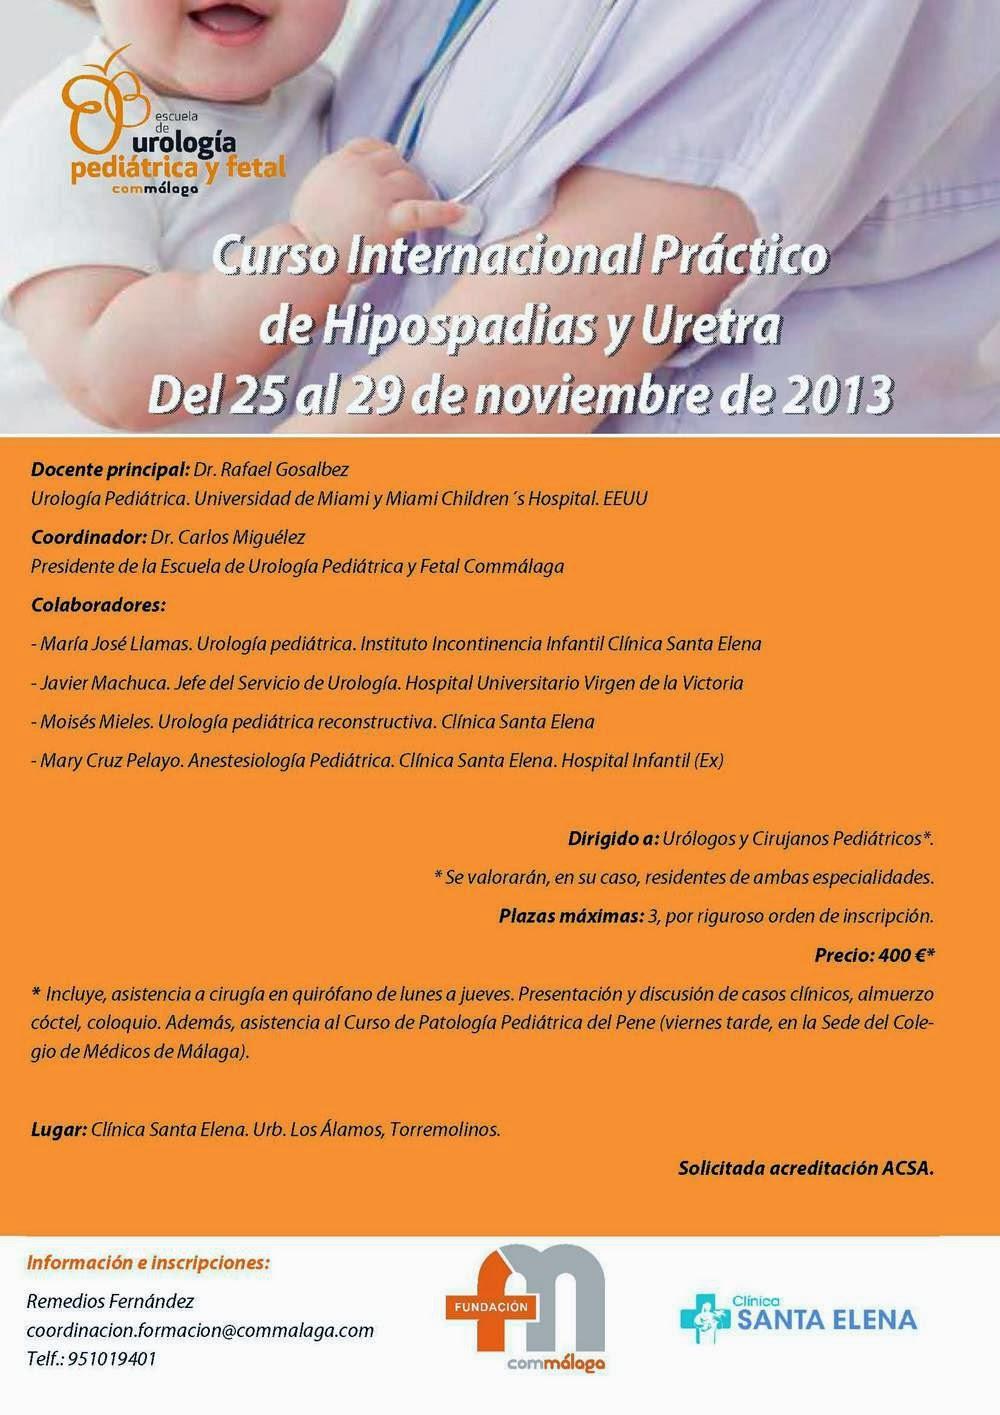 Cuaderno de galenos curso internacional pr ctico de for Clinica santa elena torremolinos